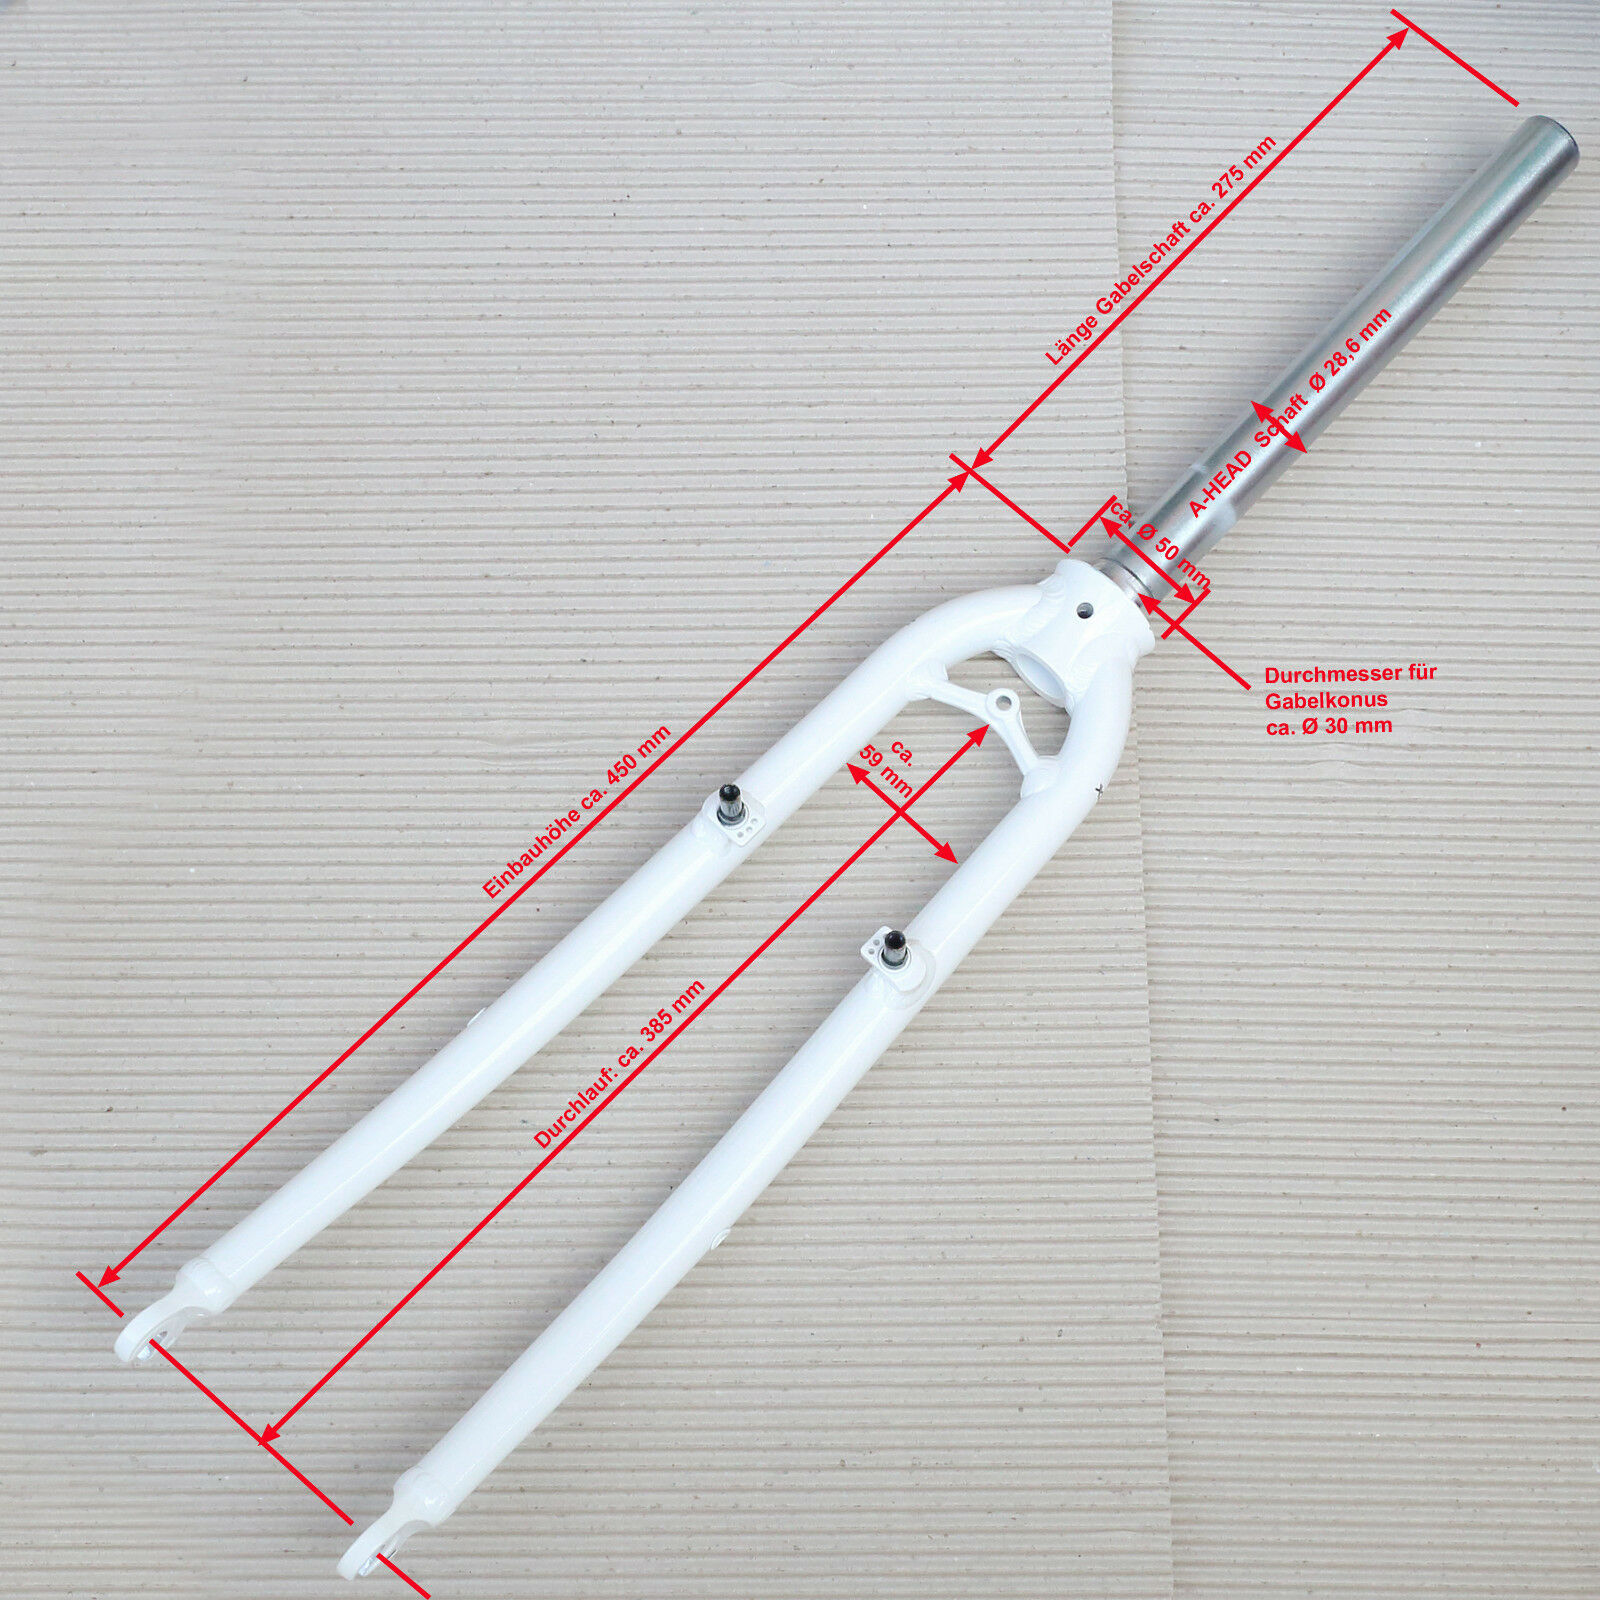 28  Gabel XLC BF-A02 A-Head 1 1 8  WeißS mit Öse für Lowrider Kabelführung